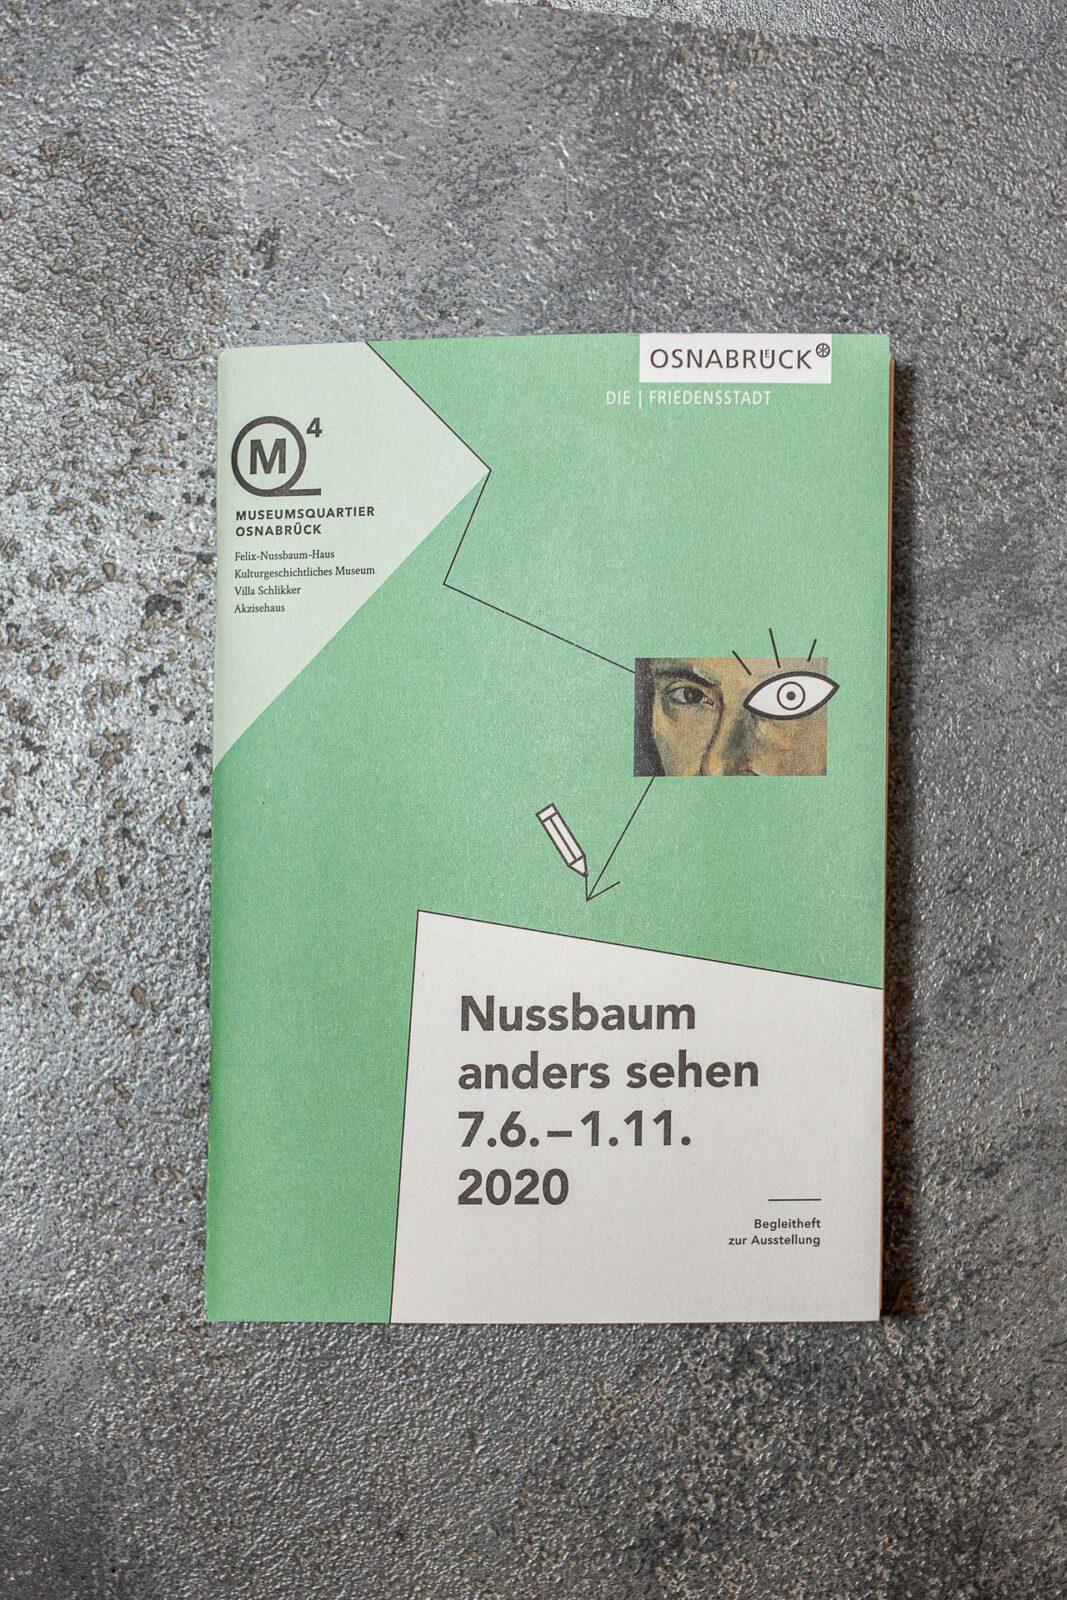 5_S_Bok_Nussbaum_Osna_13-07-2020_TE_6275_bearbeiten-soll-akkurat-gerade-liegen